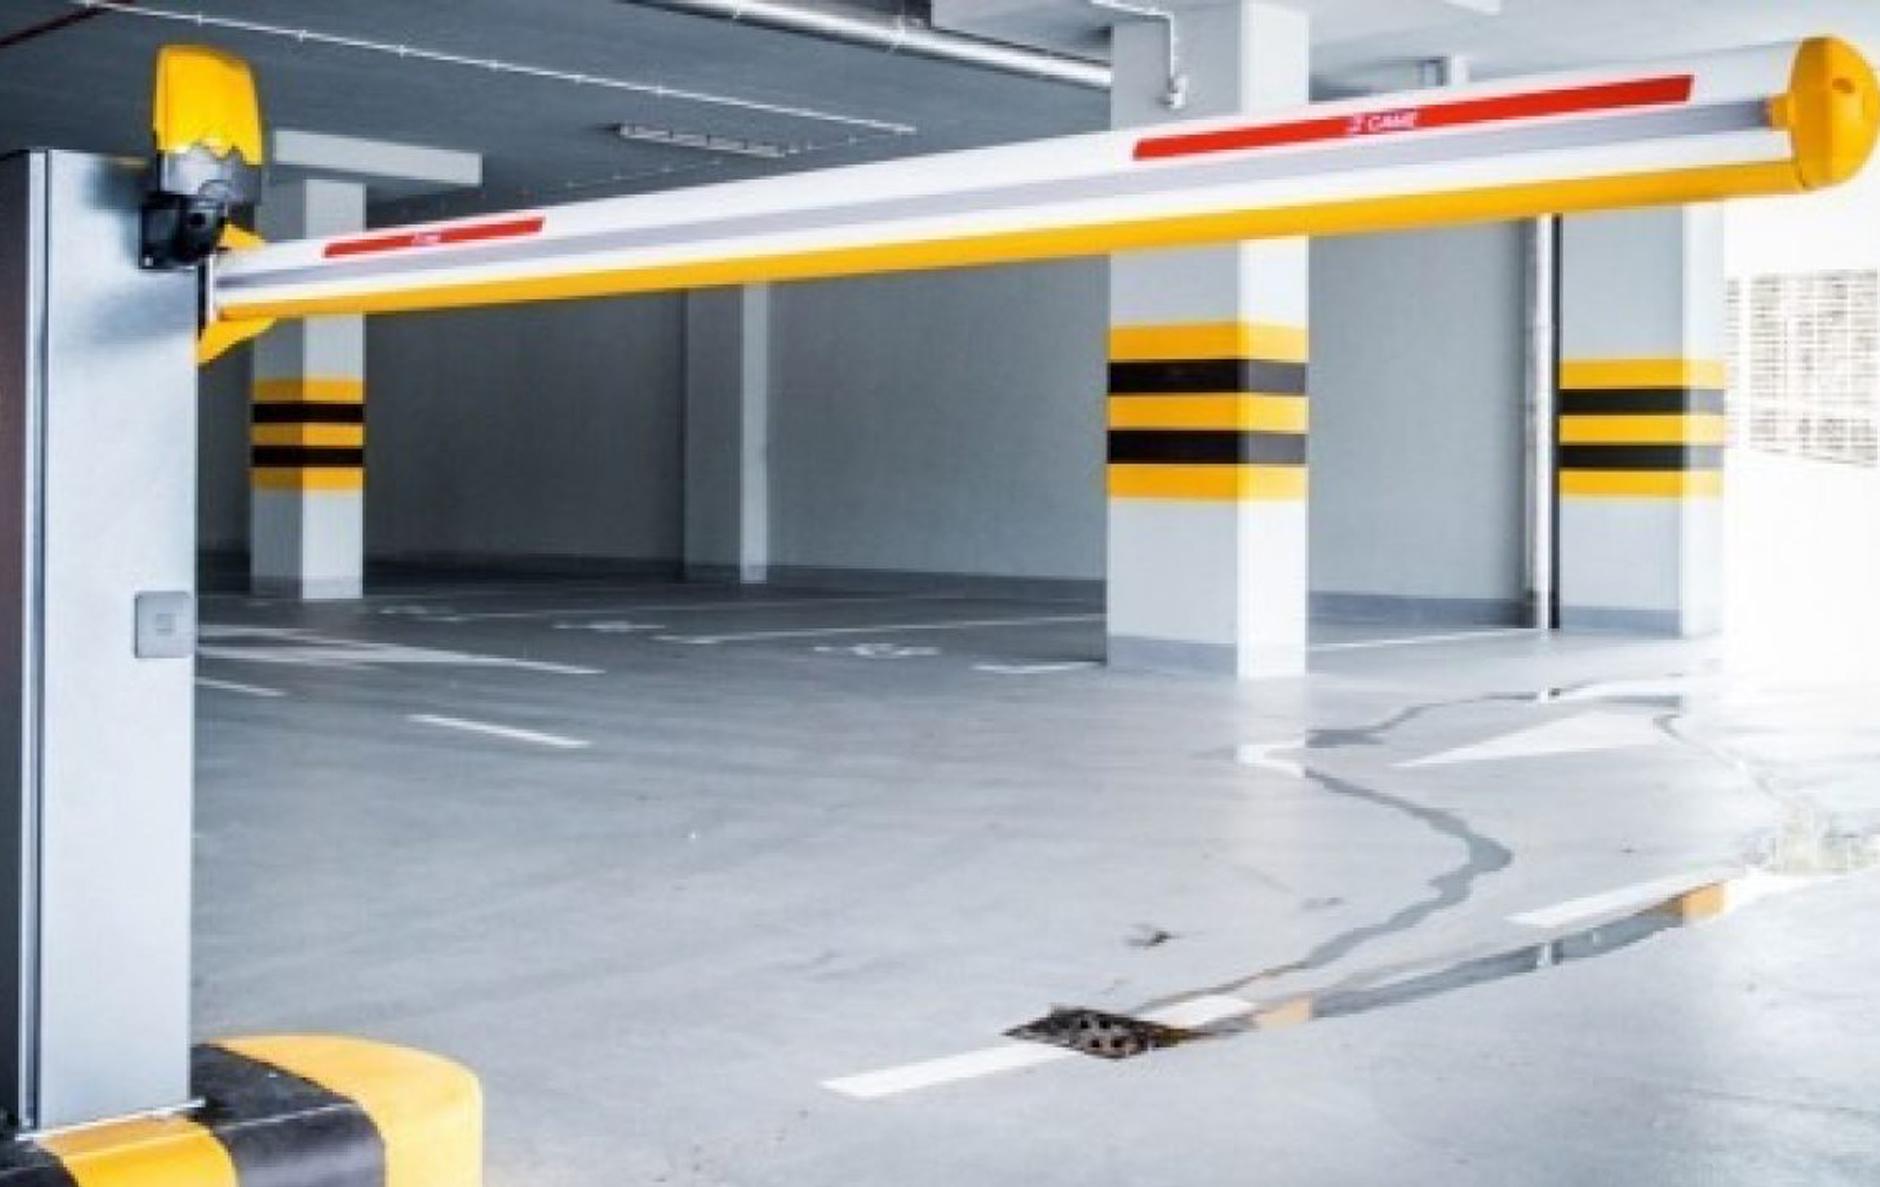 barreras vehiculares barreras para estacionamientos barrera control de trafico siamex